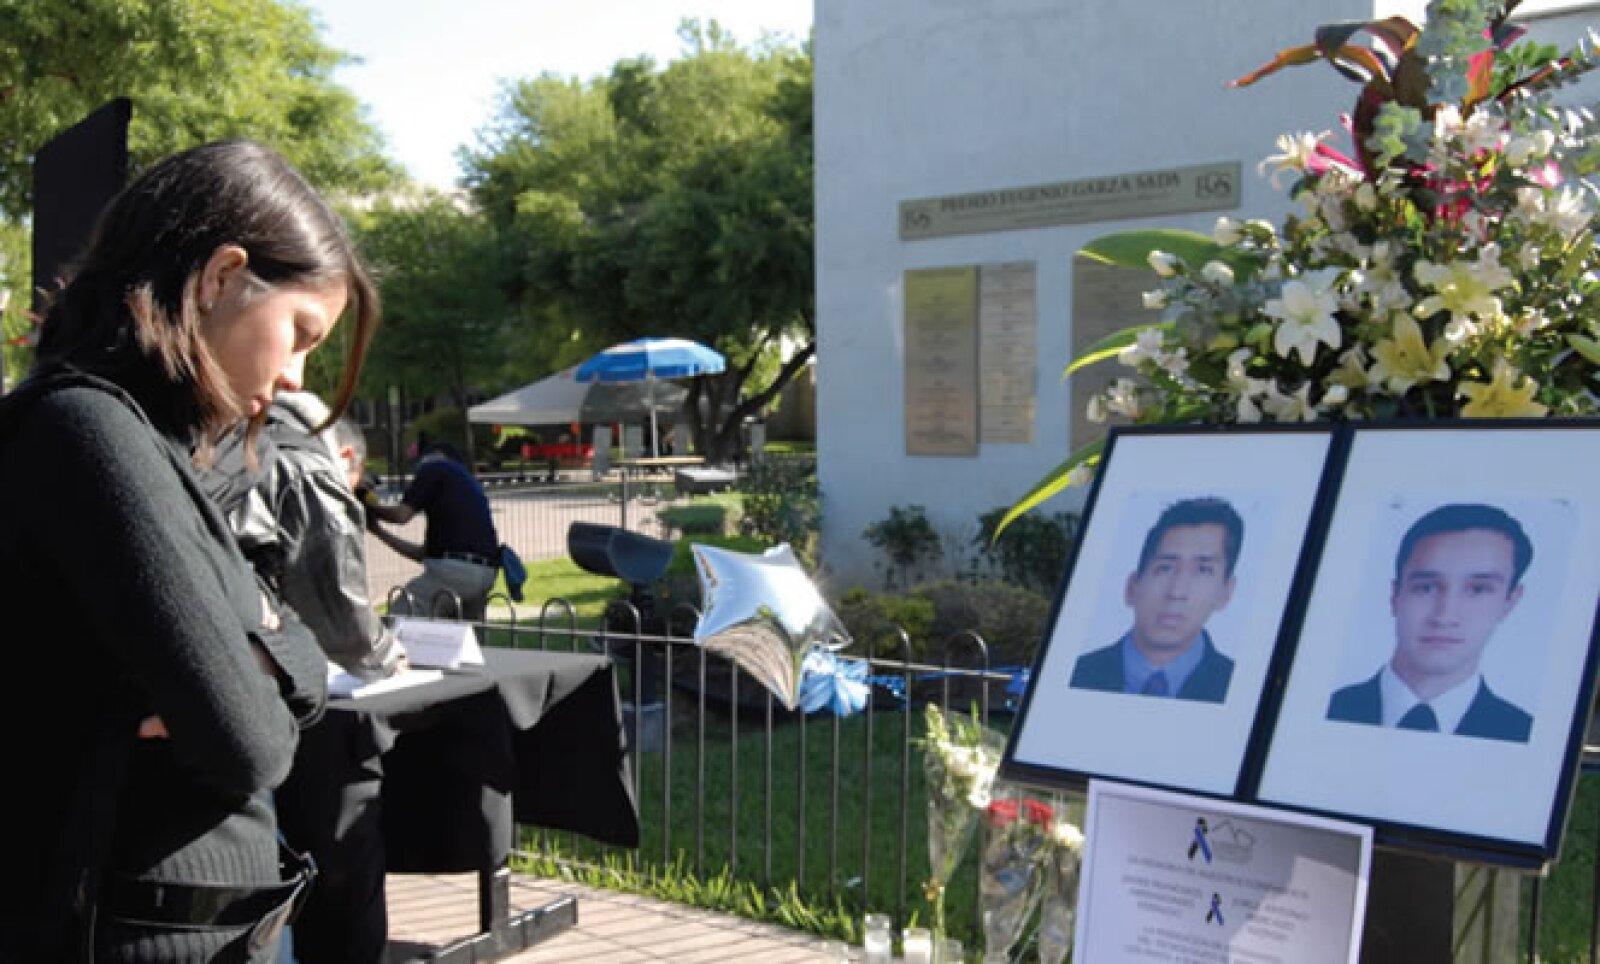 19 de marzo de 2010 El Tec ocupó los titulares con el asesinato de dos estudiantes en las puertas de su universidad. La violencia del crimen organizado se exponía en la ciudad más industrial del país, destino de 12% de las inversiones extranjeras.